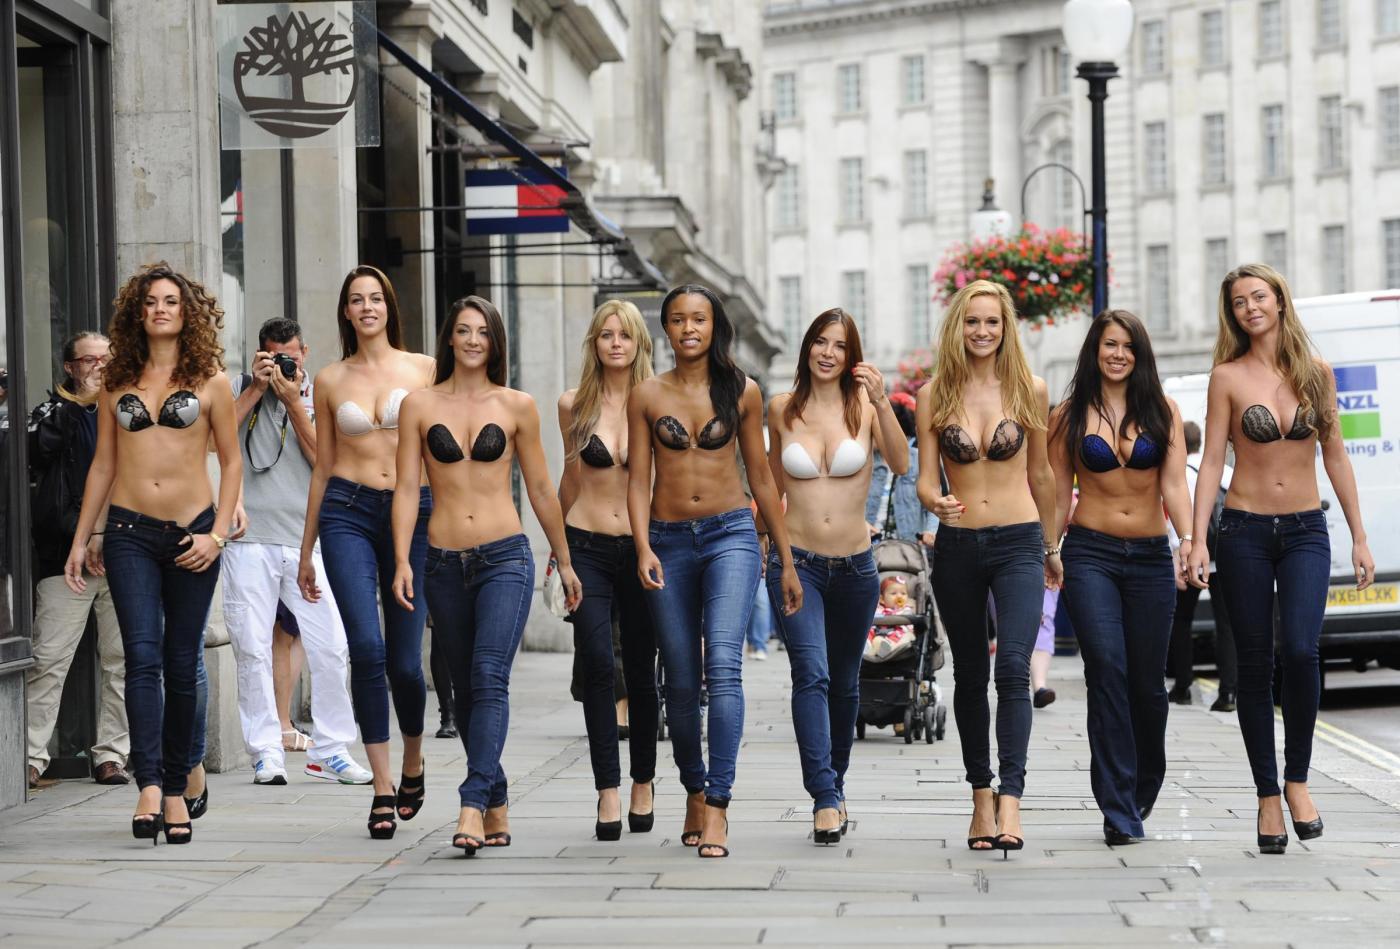 Londra, la InvisiBra Parade il reggiseno è autoadesivo 01